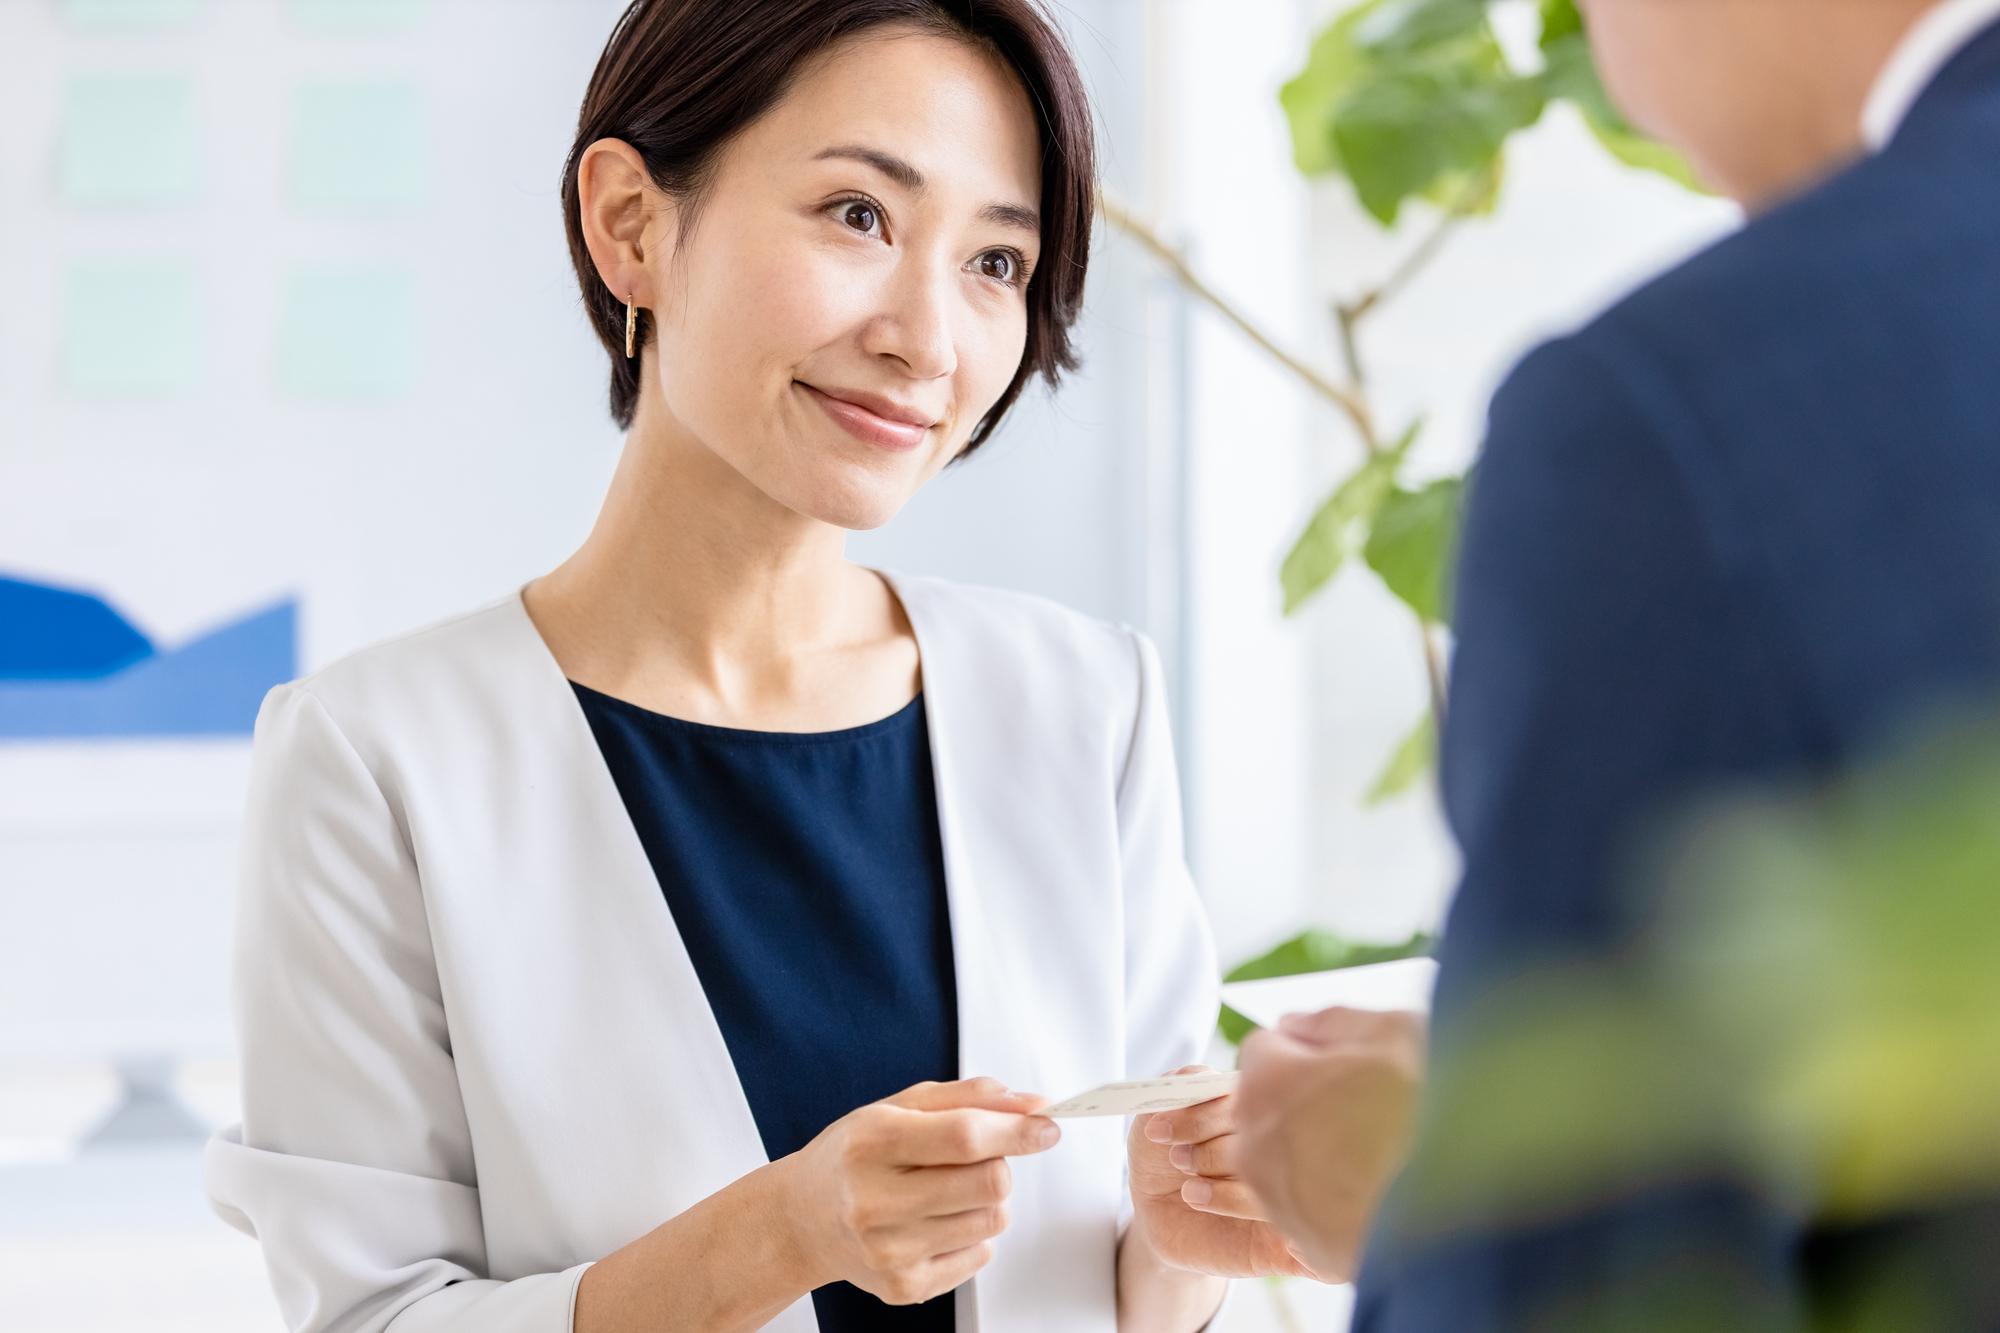 新しい働き方には必須。ビジネスマン注目のオンライン名刺交換とは_2